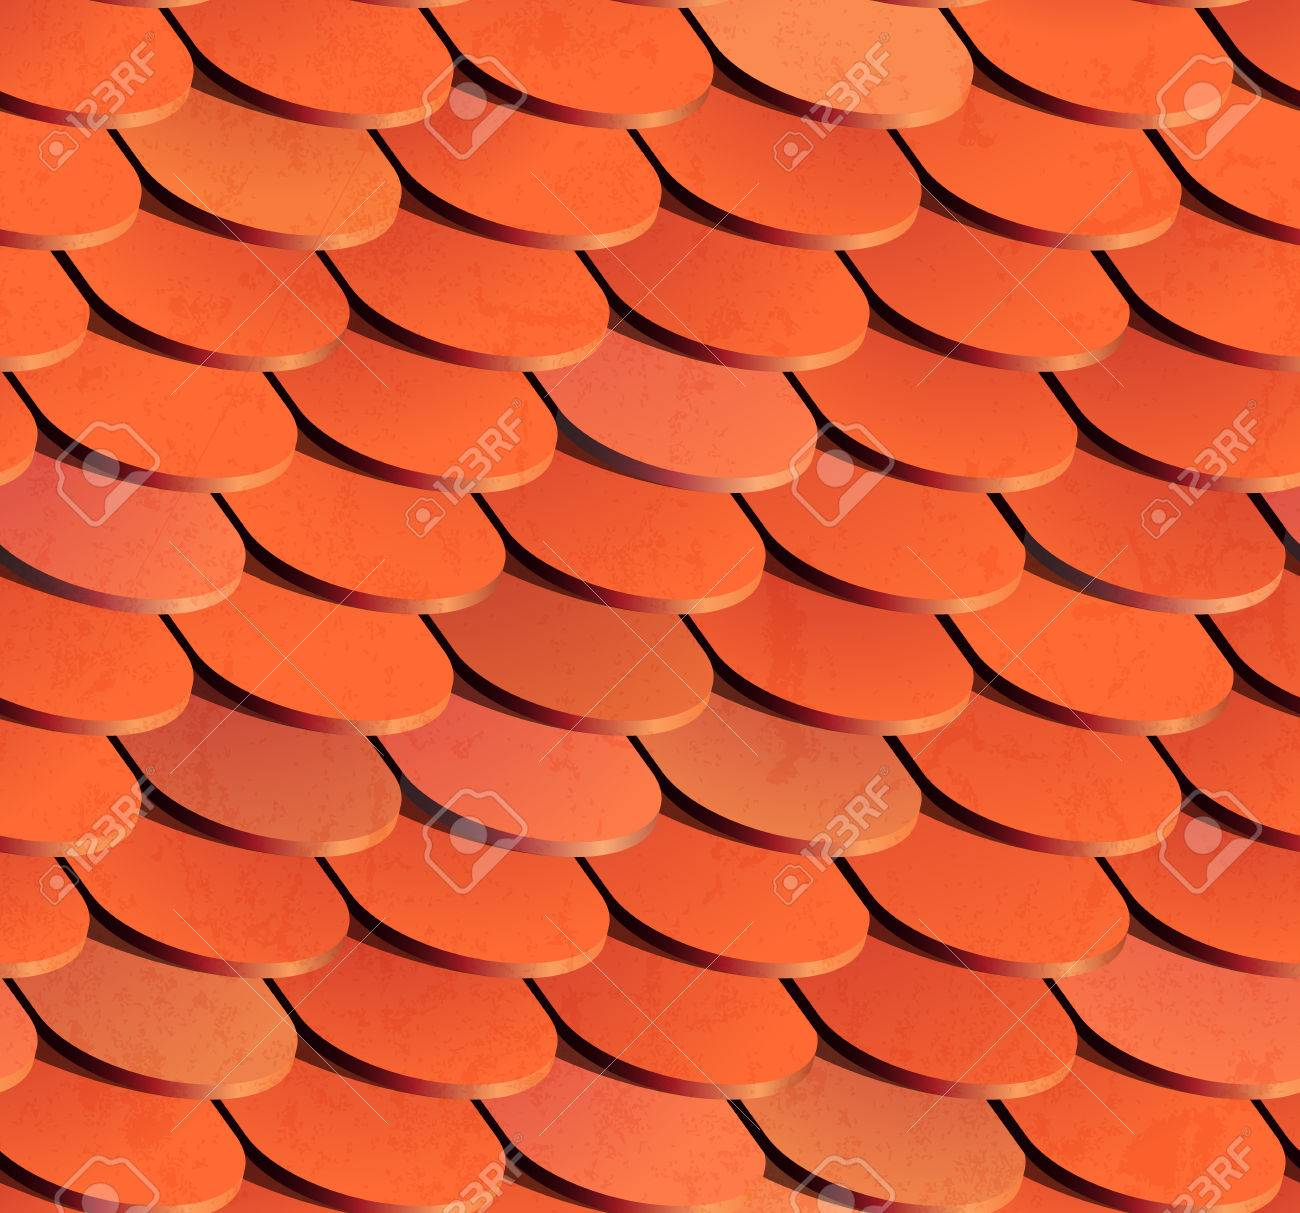 シームレスな屋根瓦eps 10 ベクトル イラストのイラスト素材ベクタ